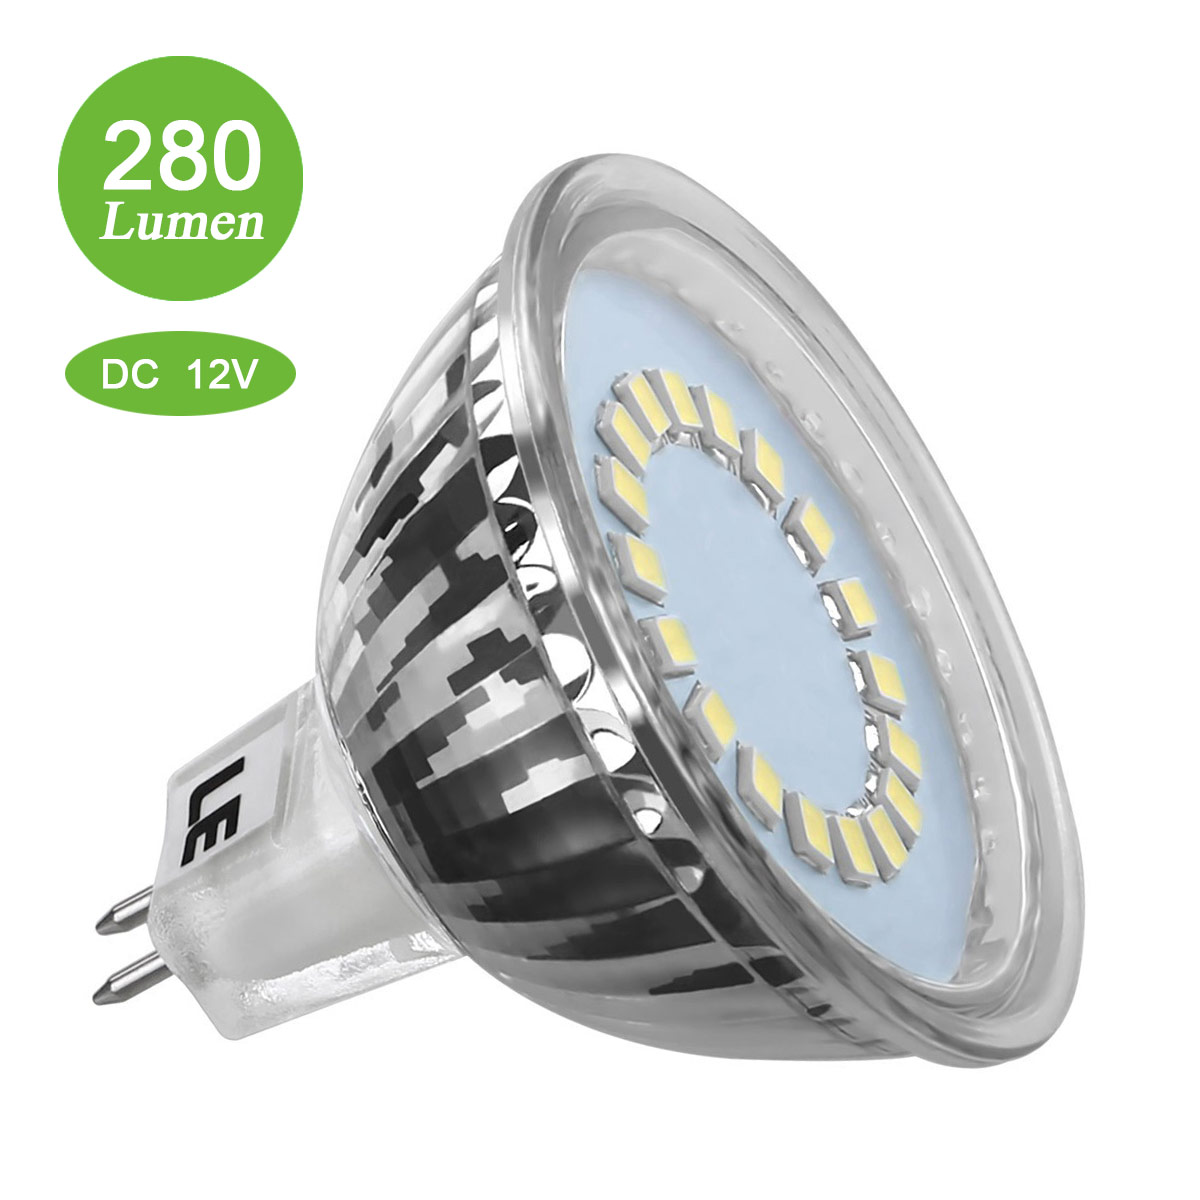 LED 3,5W MR16 Birnen, 280lm 12V GU5.3 LED Lampen, 120 ° Strahler Licht, Entspricht einer 35W Halogenlampen, Kaltweiß